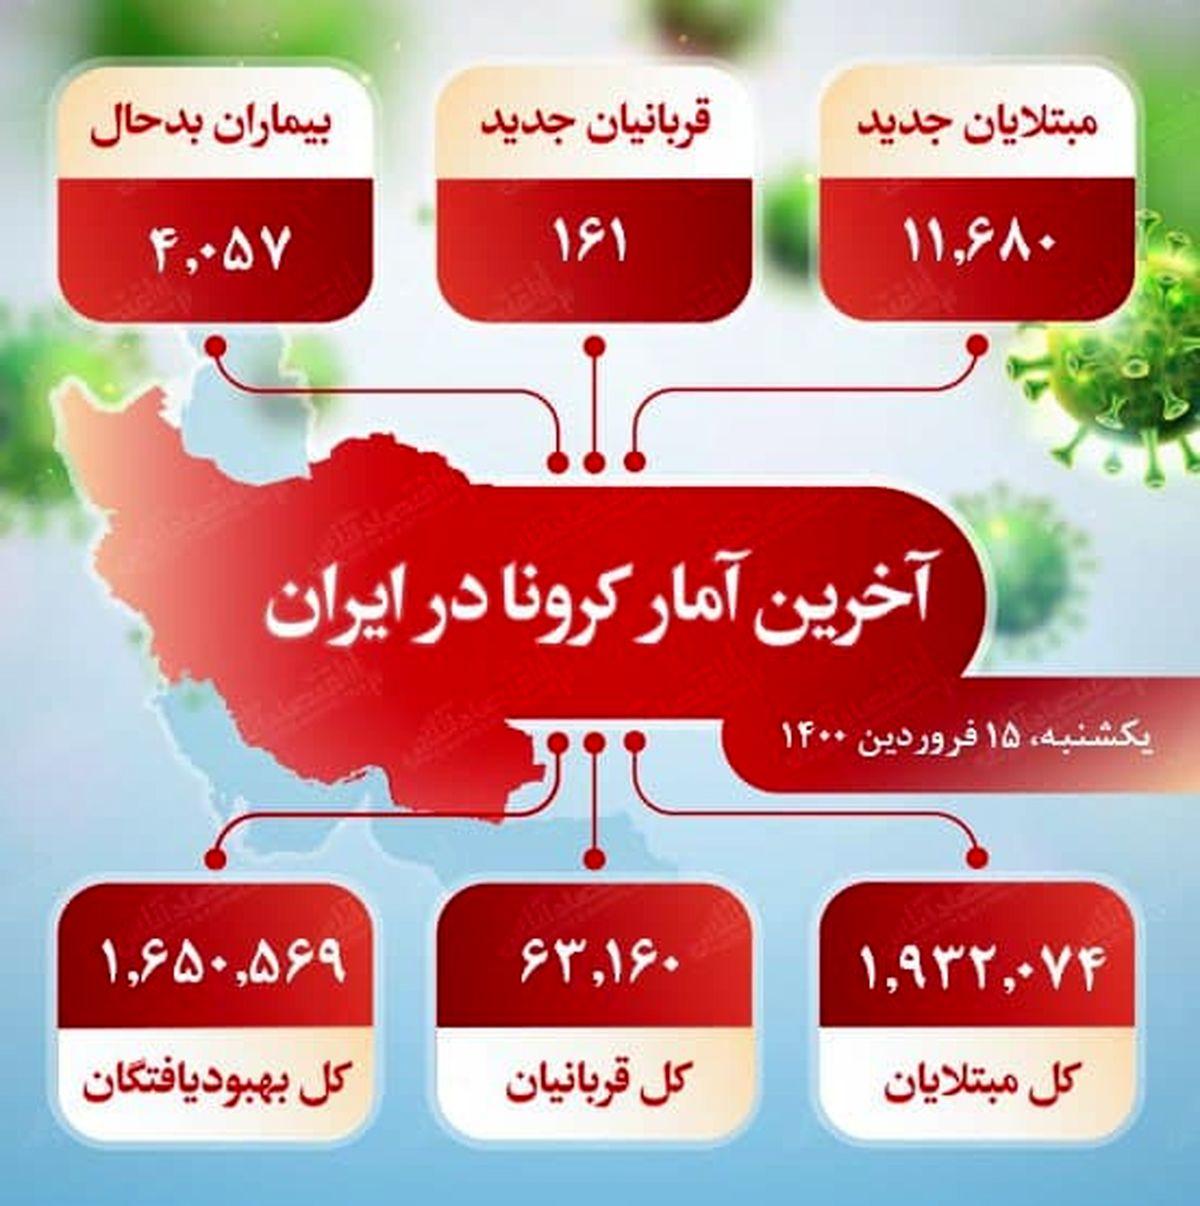 آخرین آمار کرونا در ایران (۱۴۰۰/۱/۱۵)